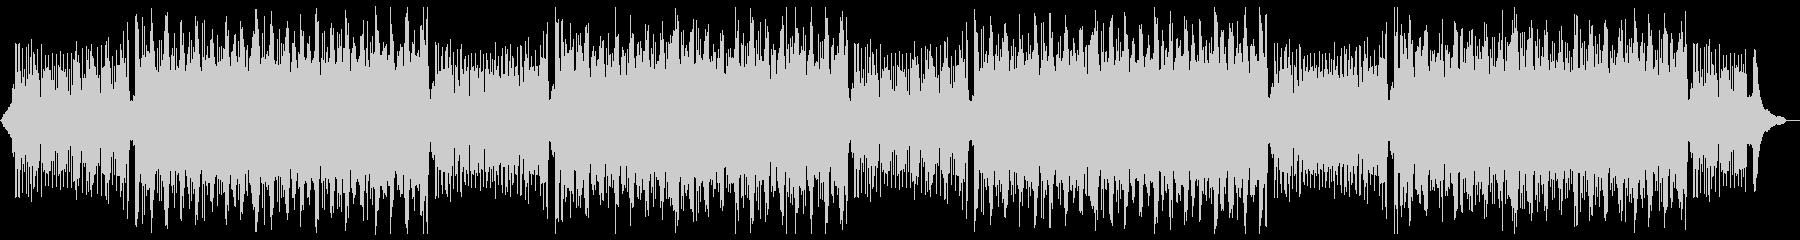 知的なピアノバイオリン:フルx2の未再生の波形